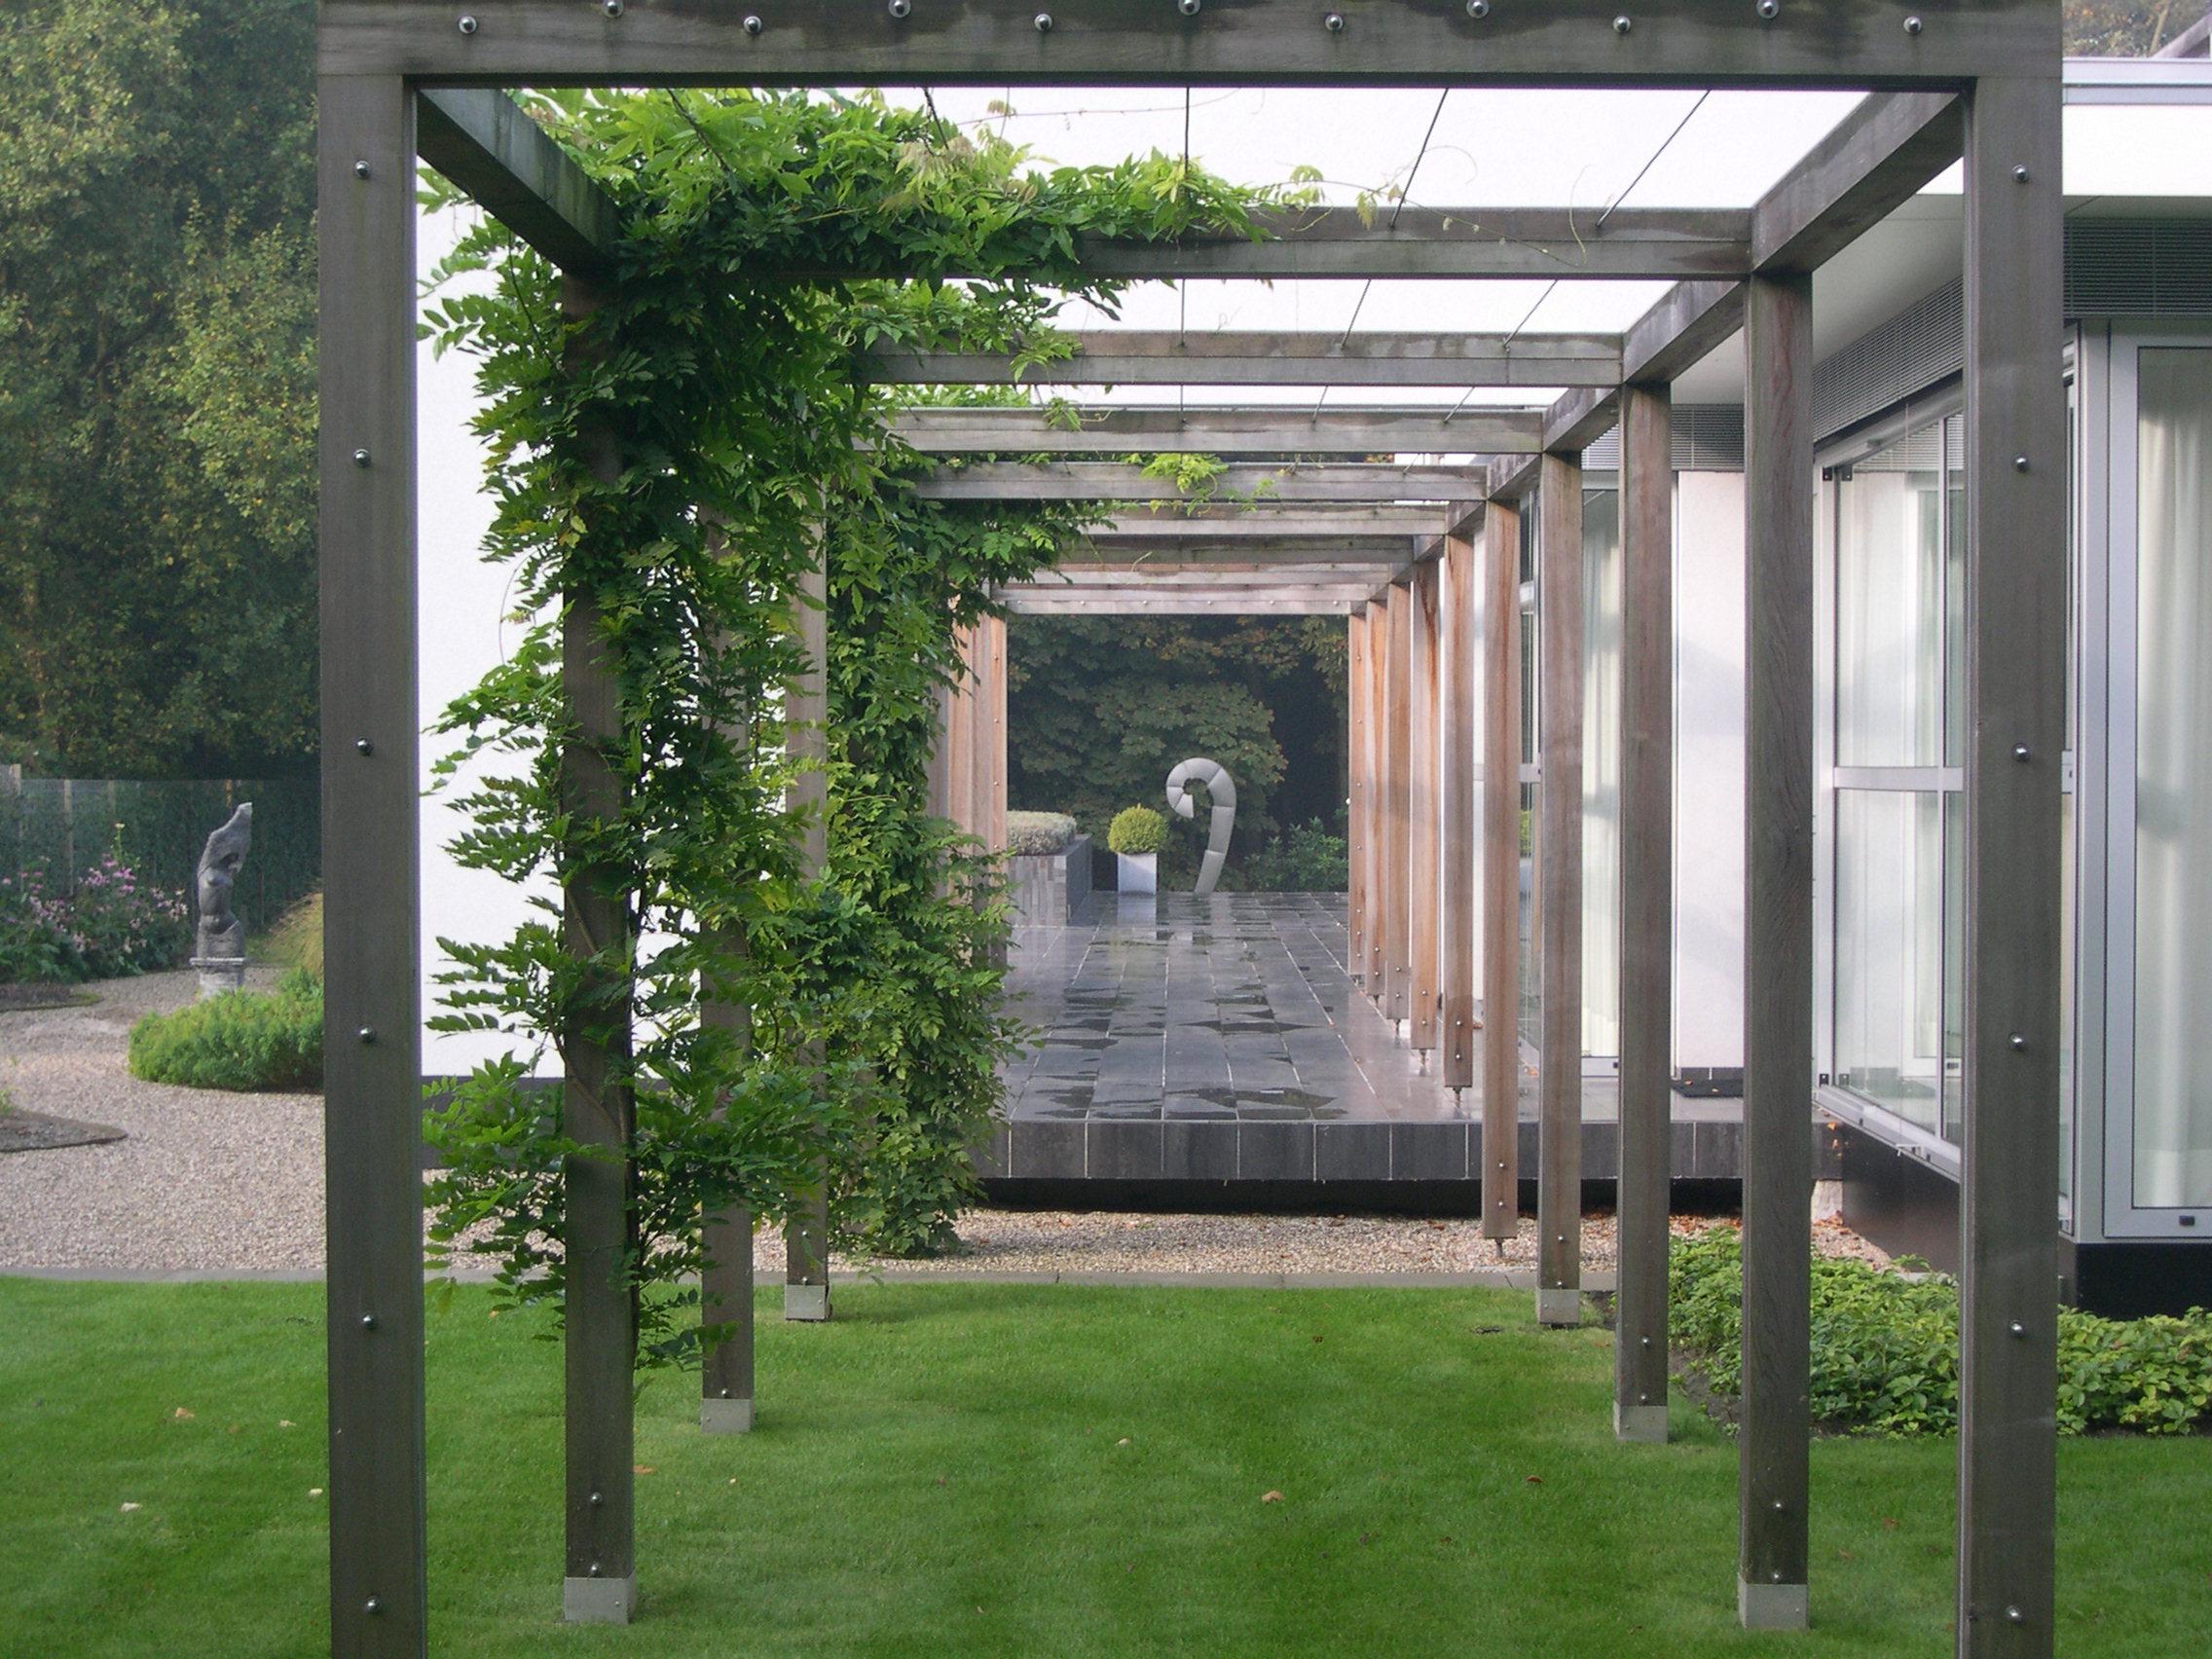 Onderhoudsvriendelijke Tuin Ideeen: Gardens google and design on ...